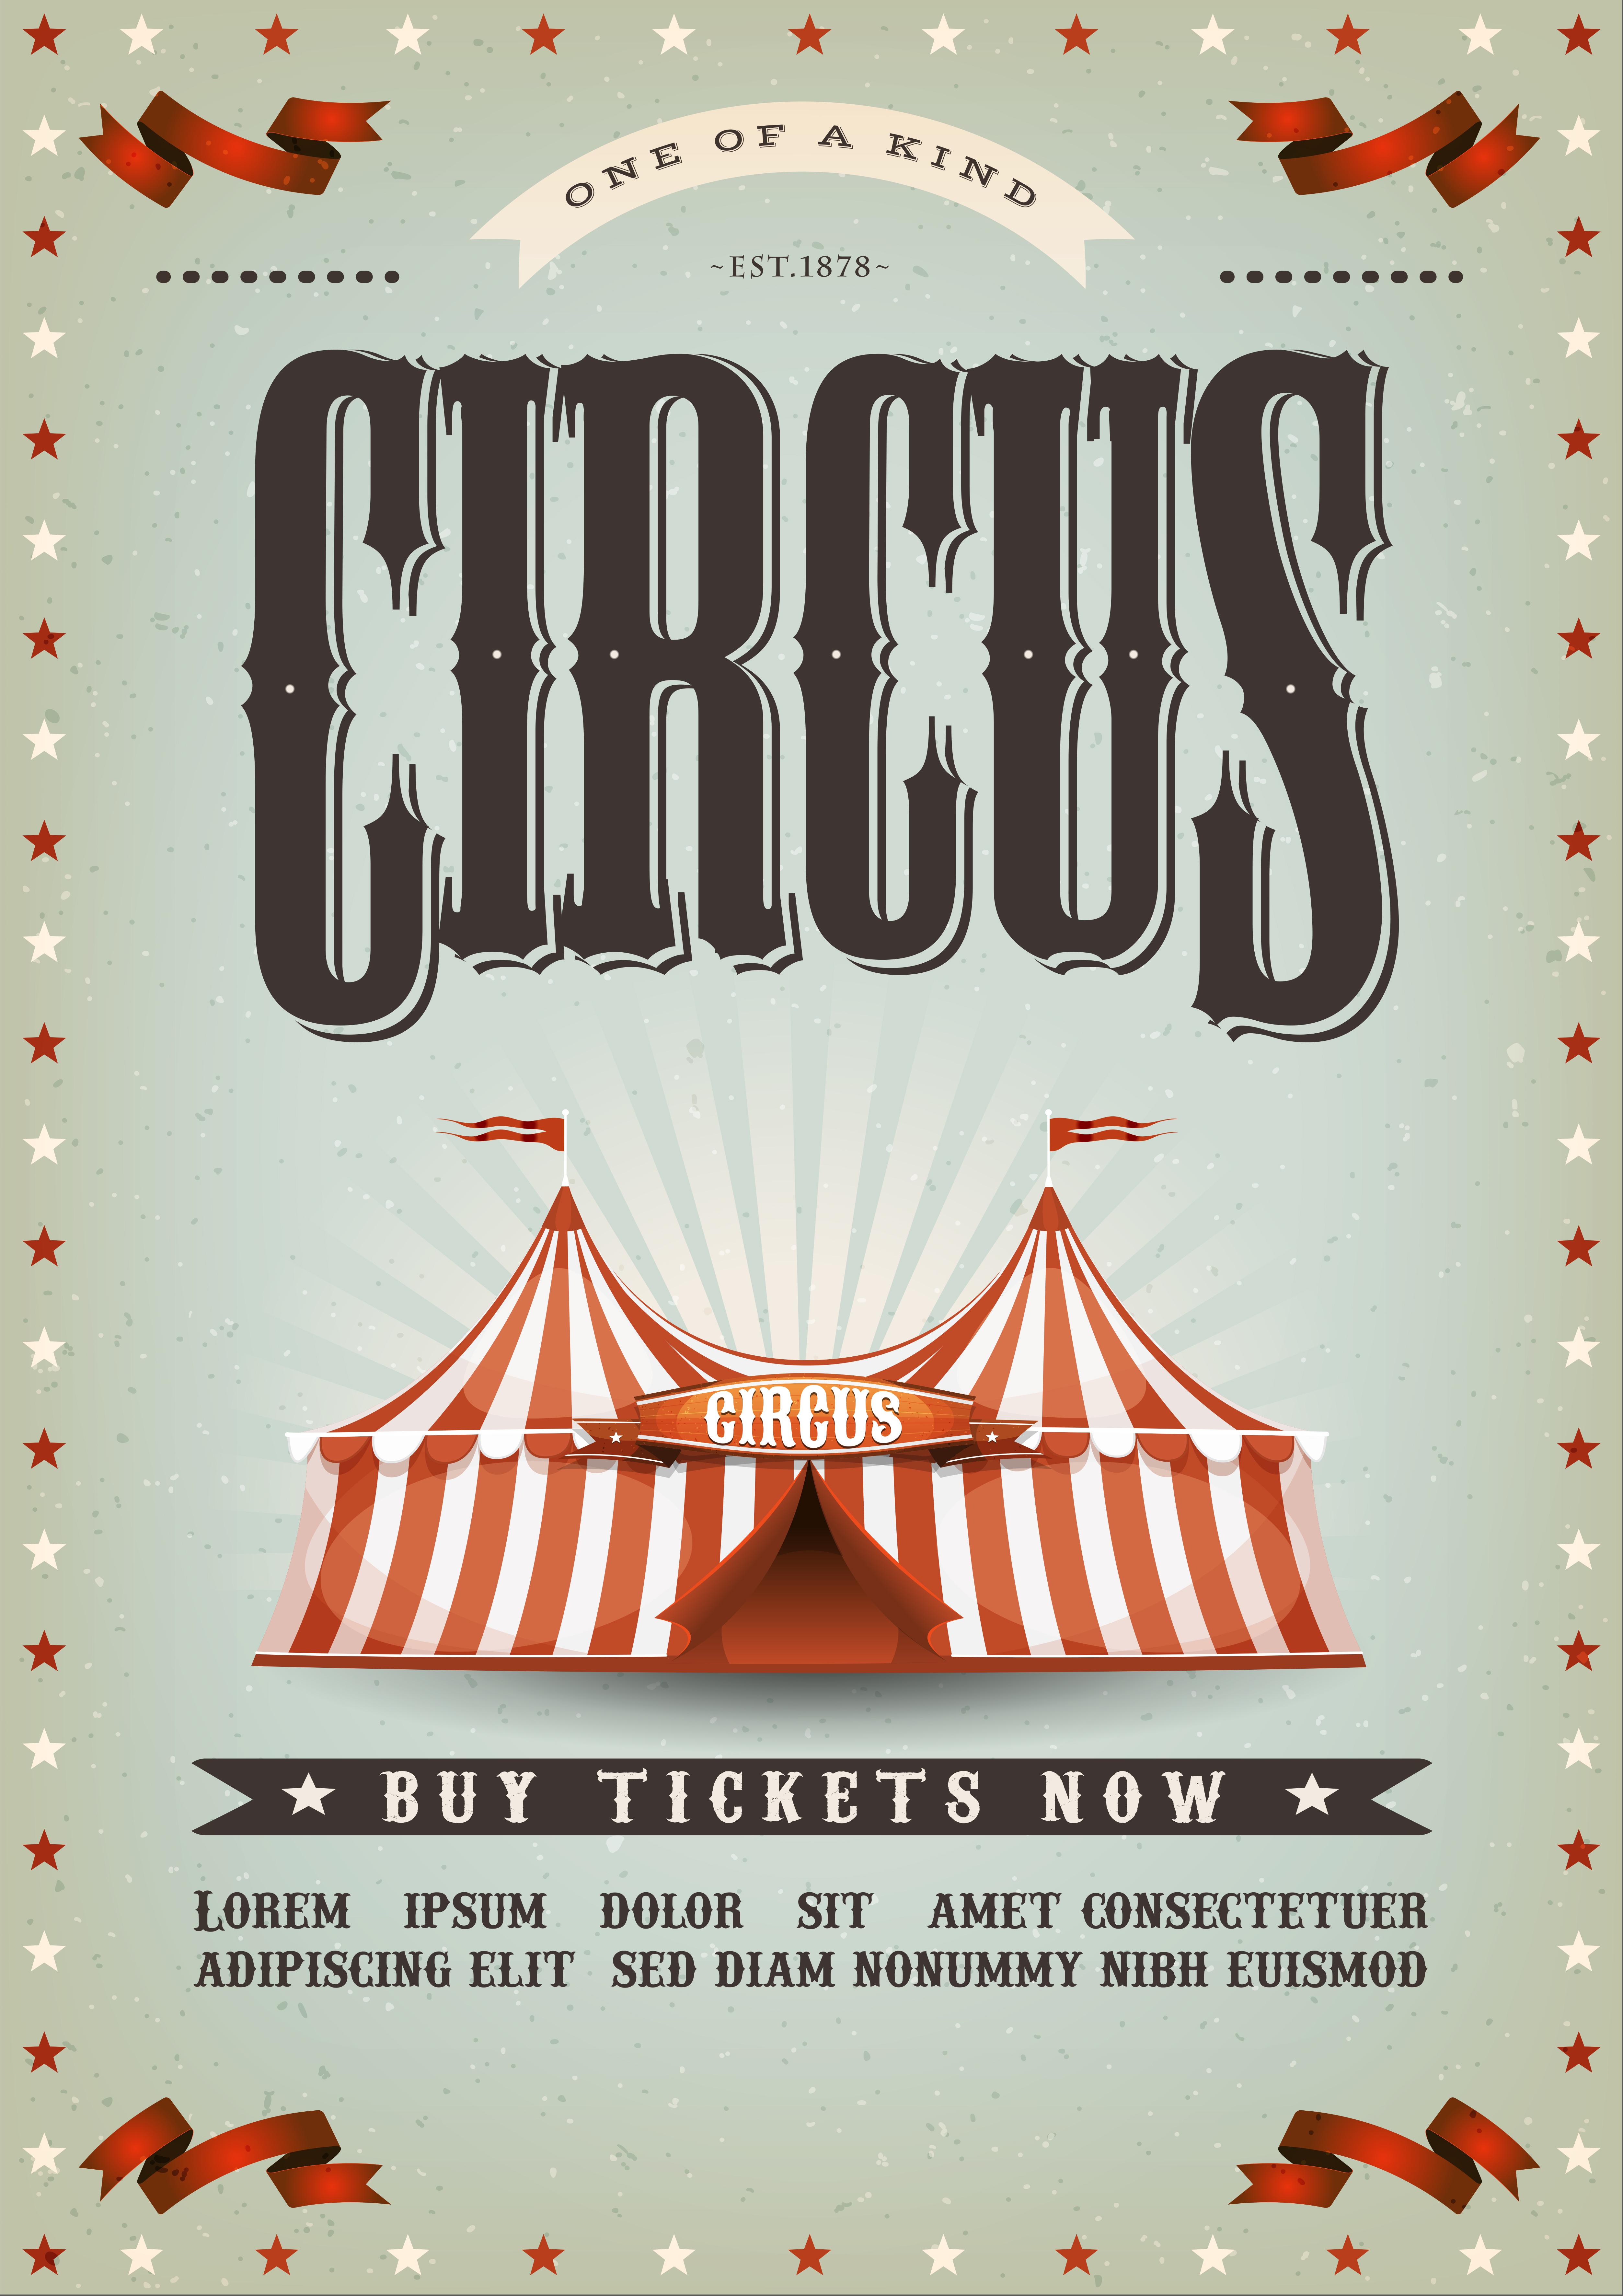 Circus Poster Design - Download Free Vectors, Clipart ...